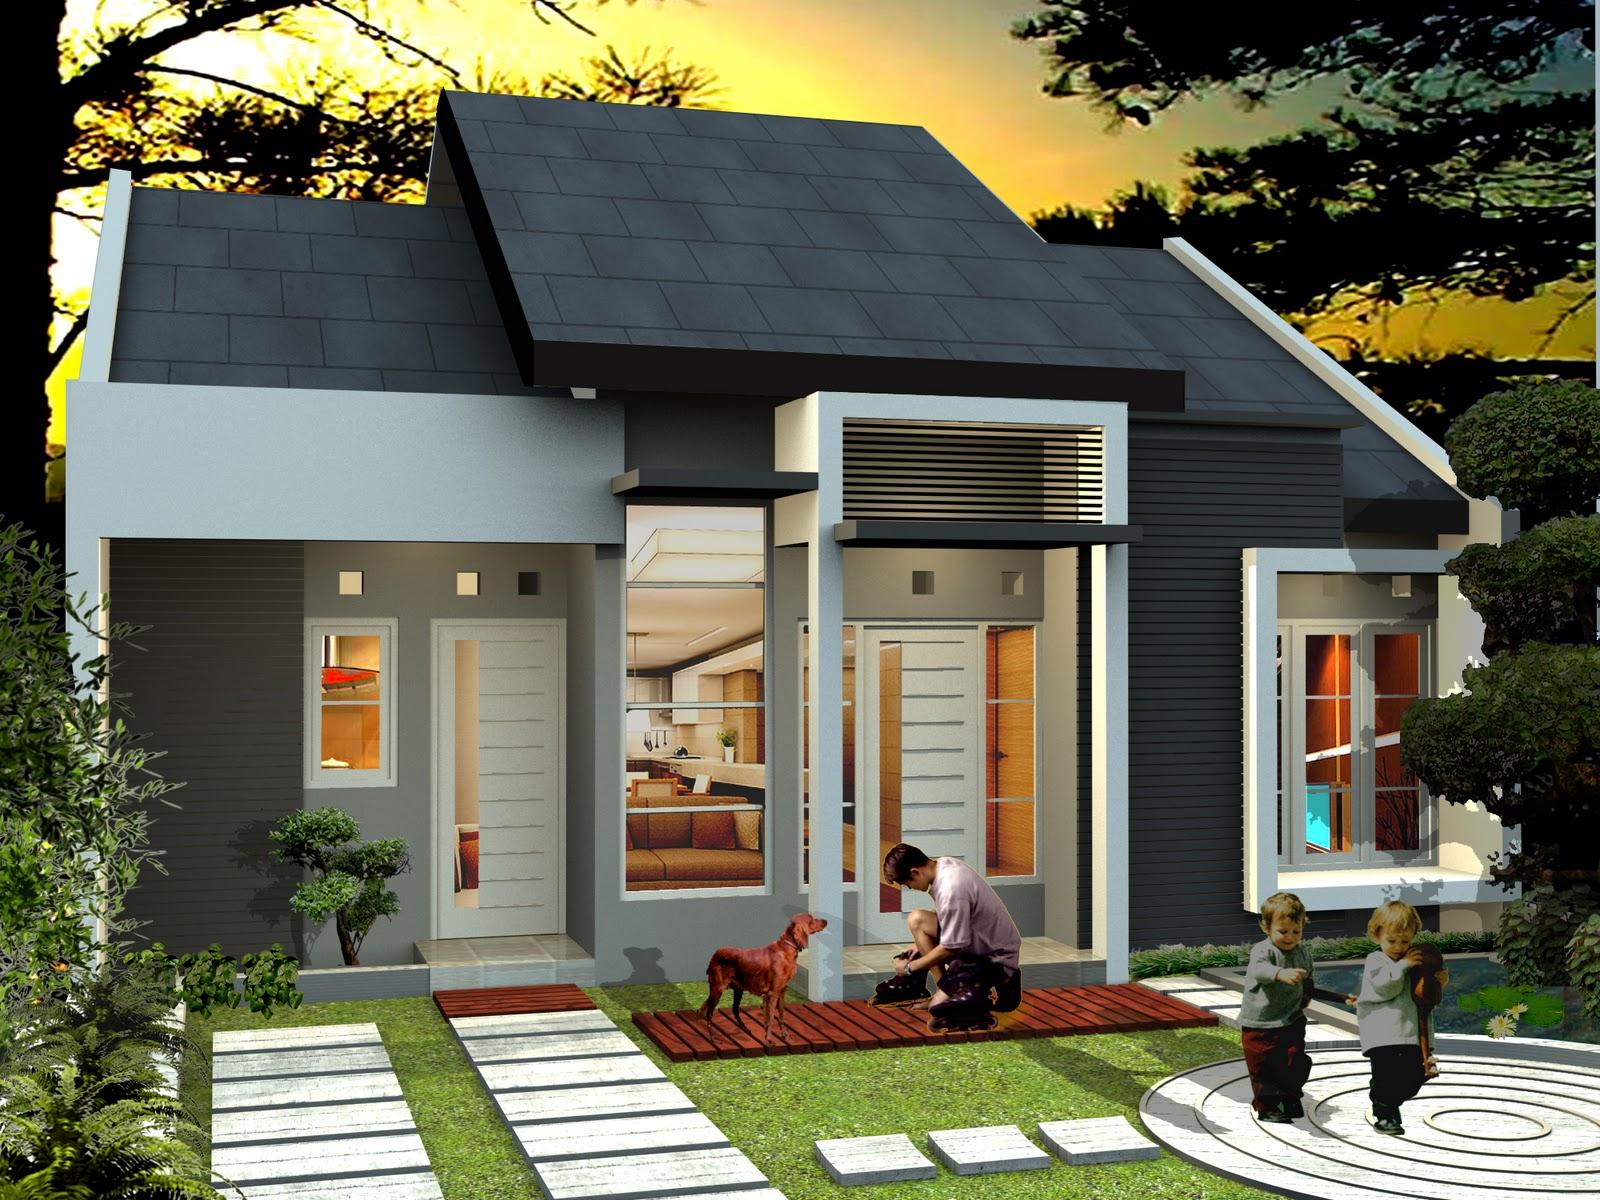 foto desain eksterior arsitektur rumah minimalis menarik